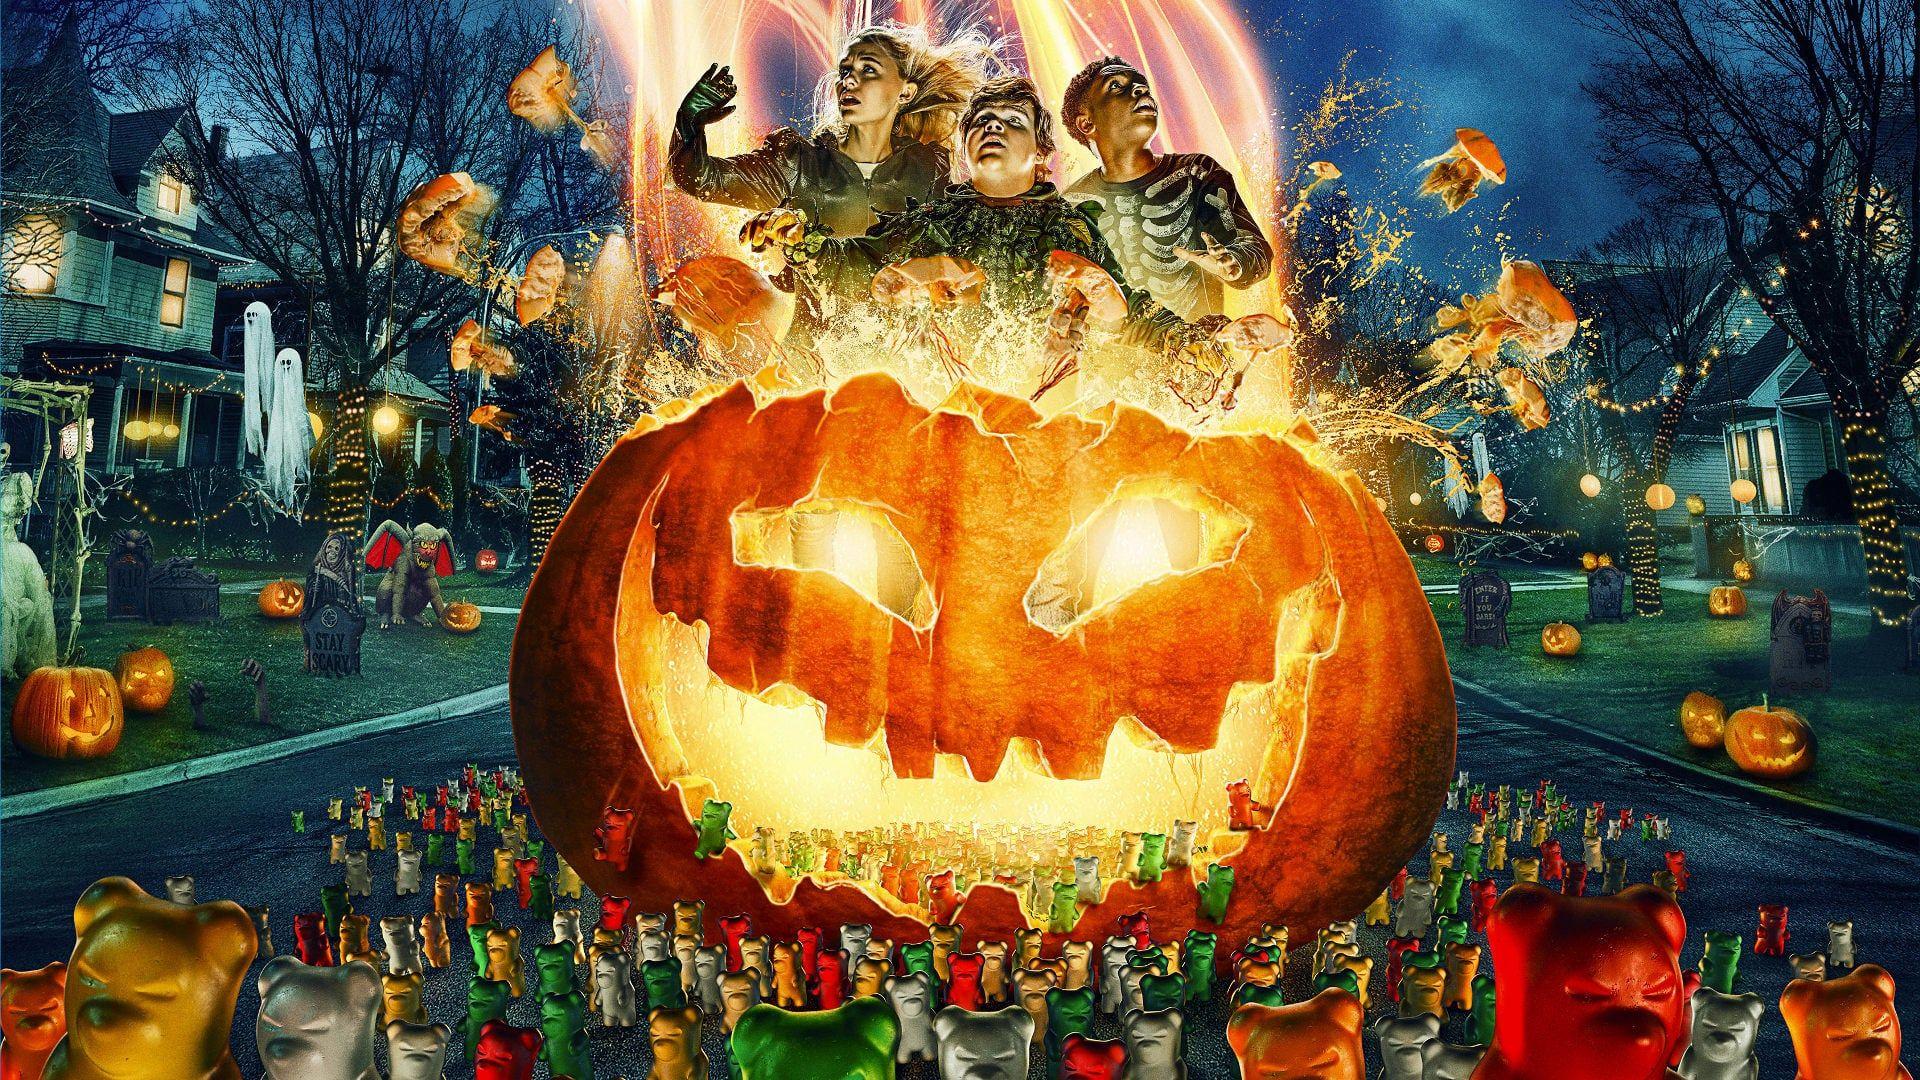 Ver Pesadillas 2 Noche De Halloween Online Pelicula Completa En Espanol Latino 720p Pesadillas 2 Noche De Halloween Online Pelicula Completa En Espanol Lat